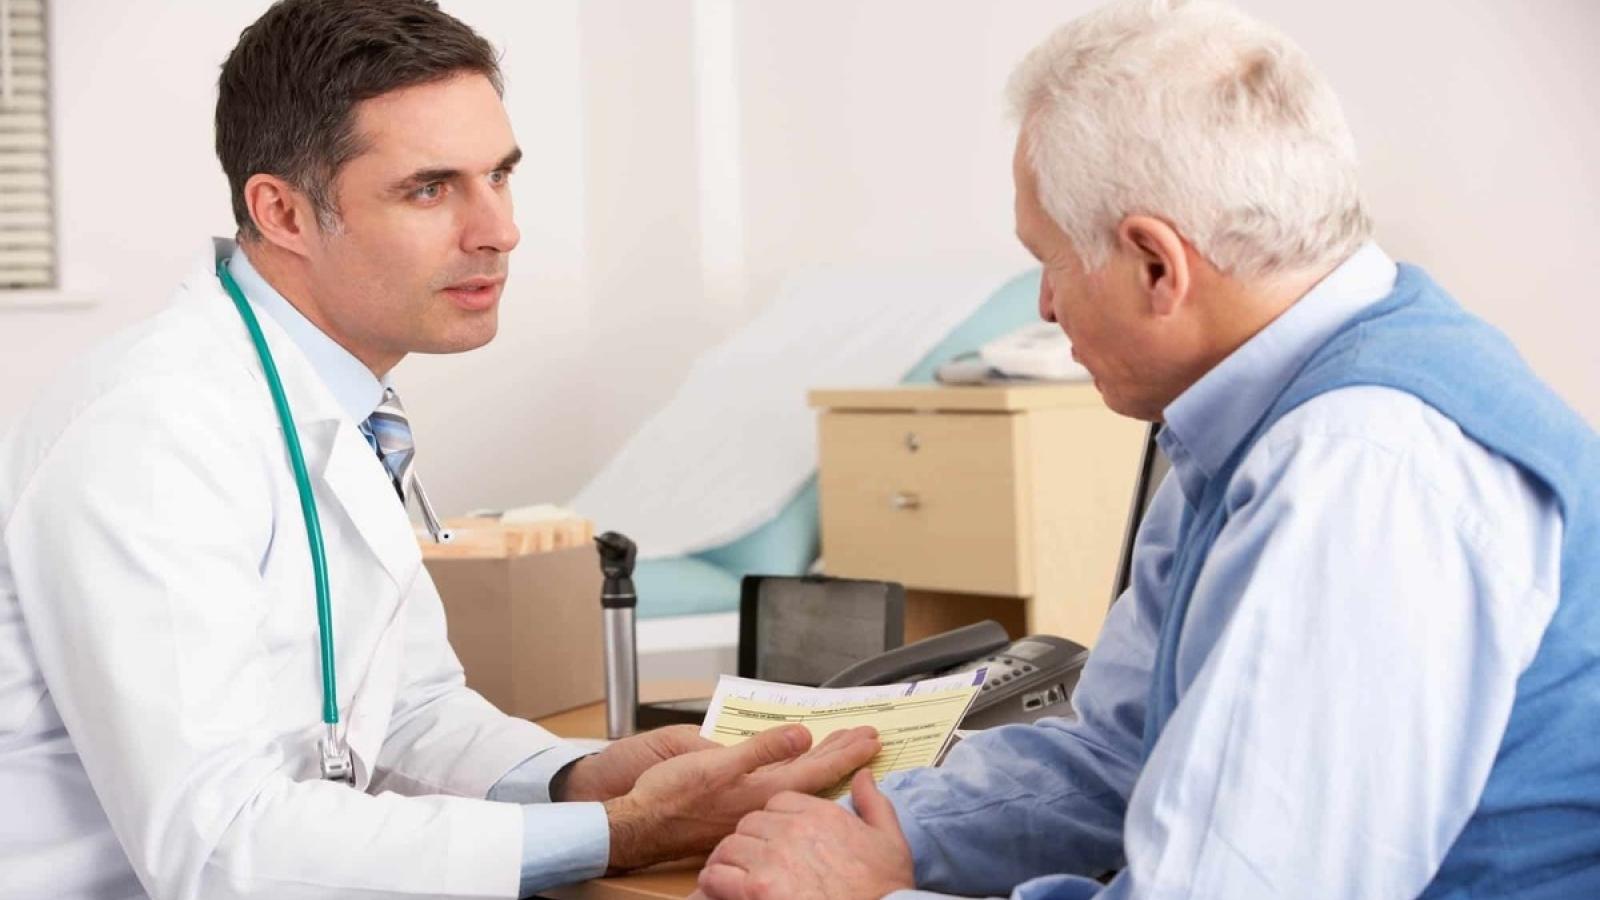 Các kiểm tra sức khỏe cần thiết ở người cao tuổi trong dịch Covid-19